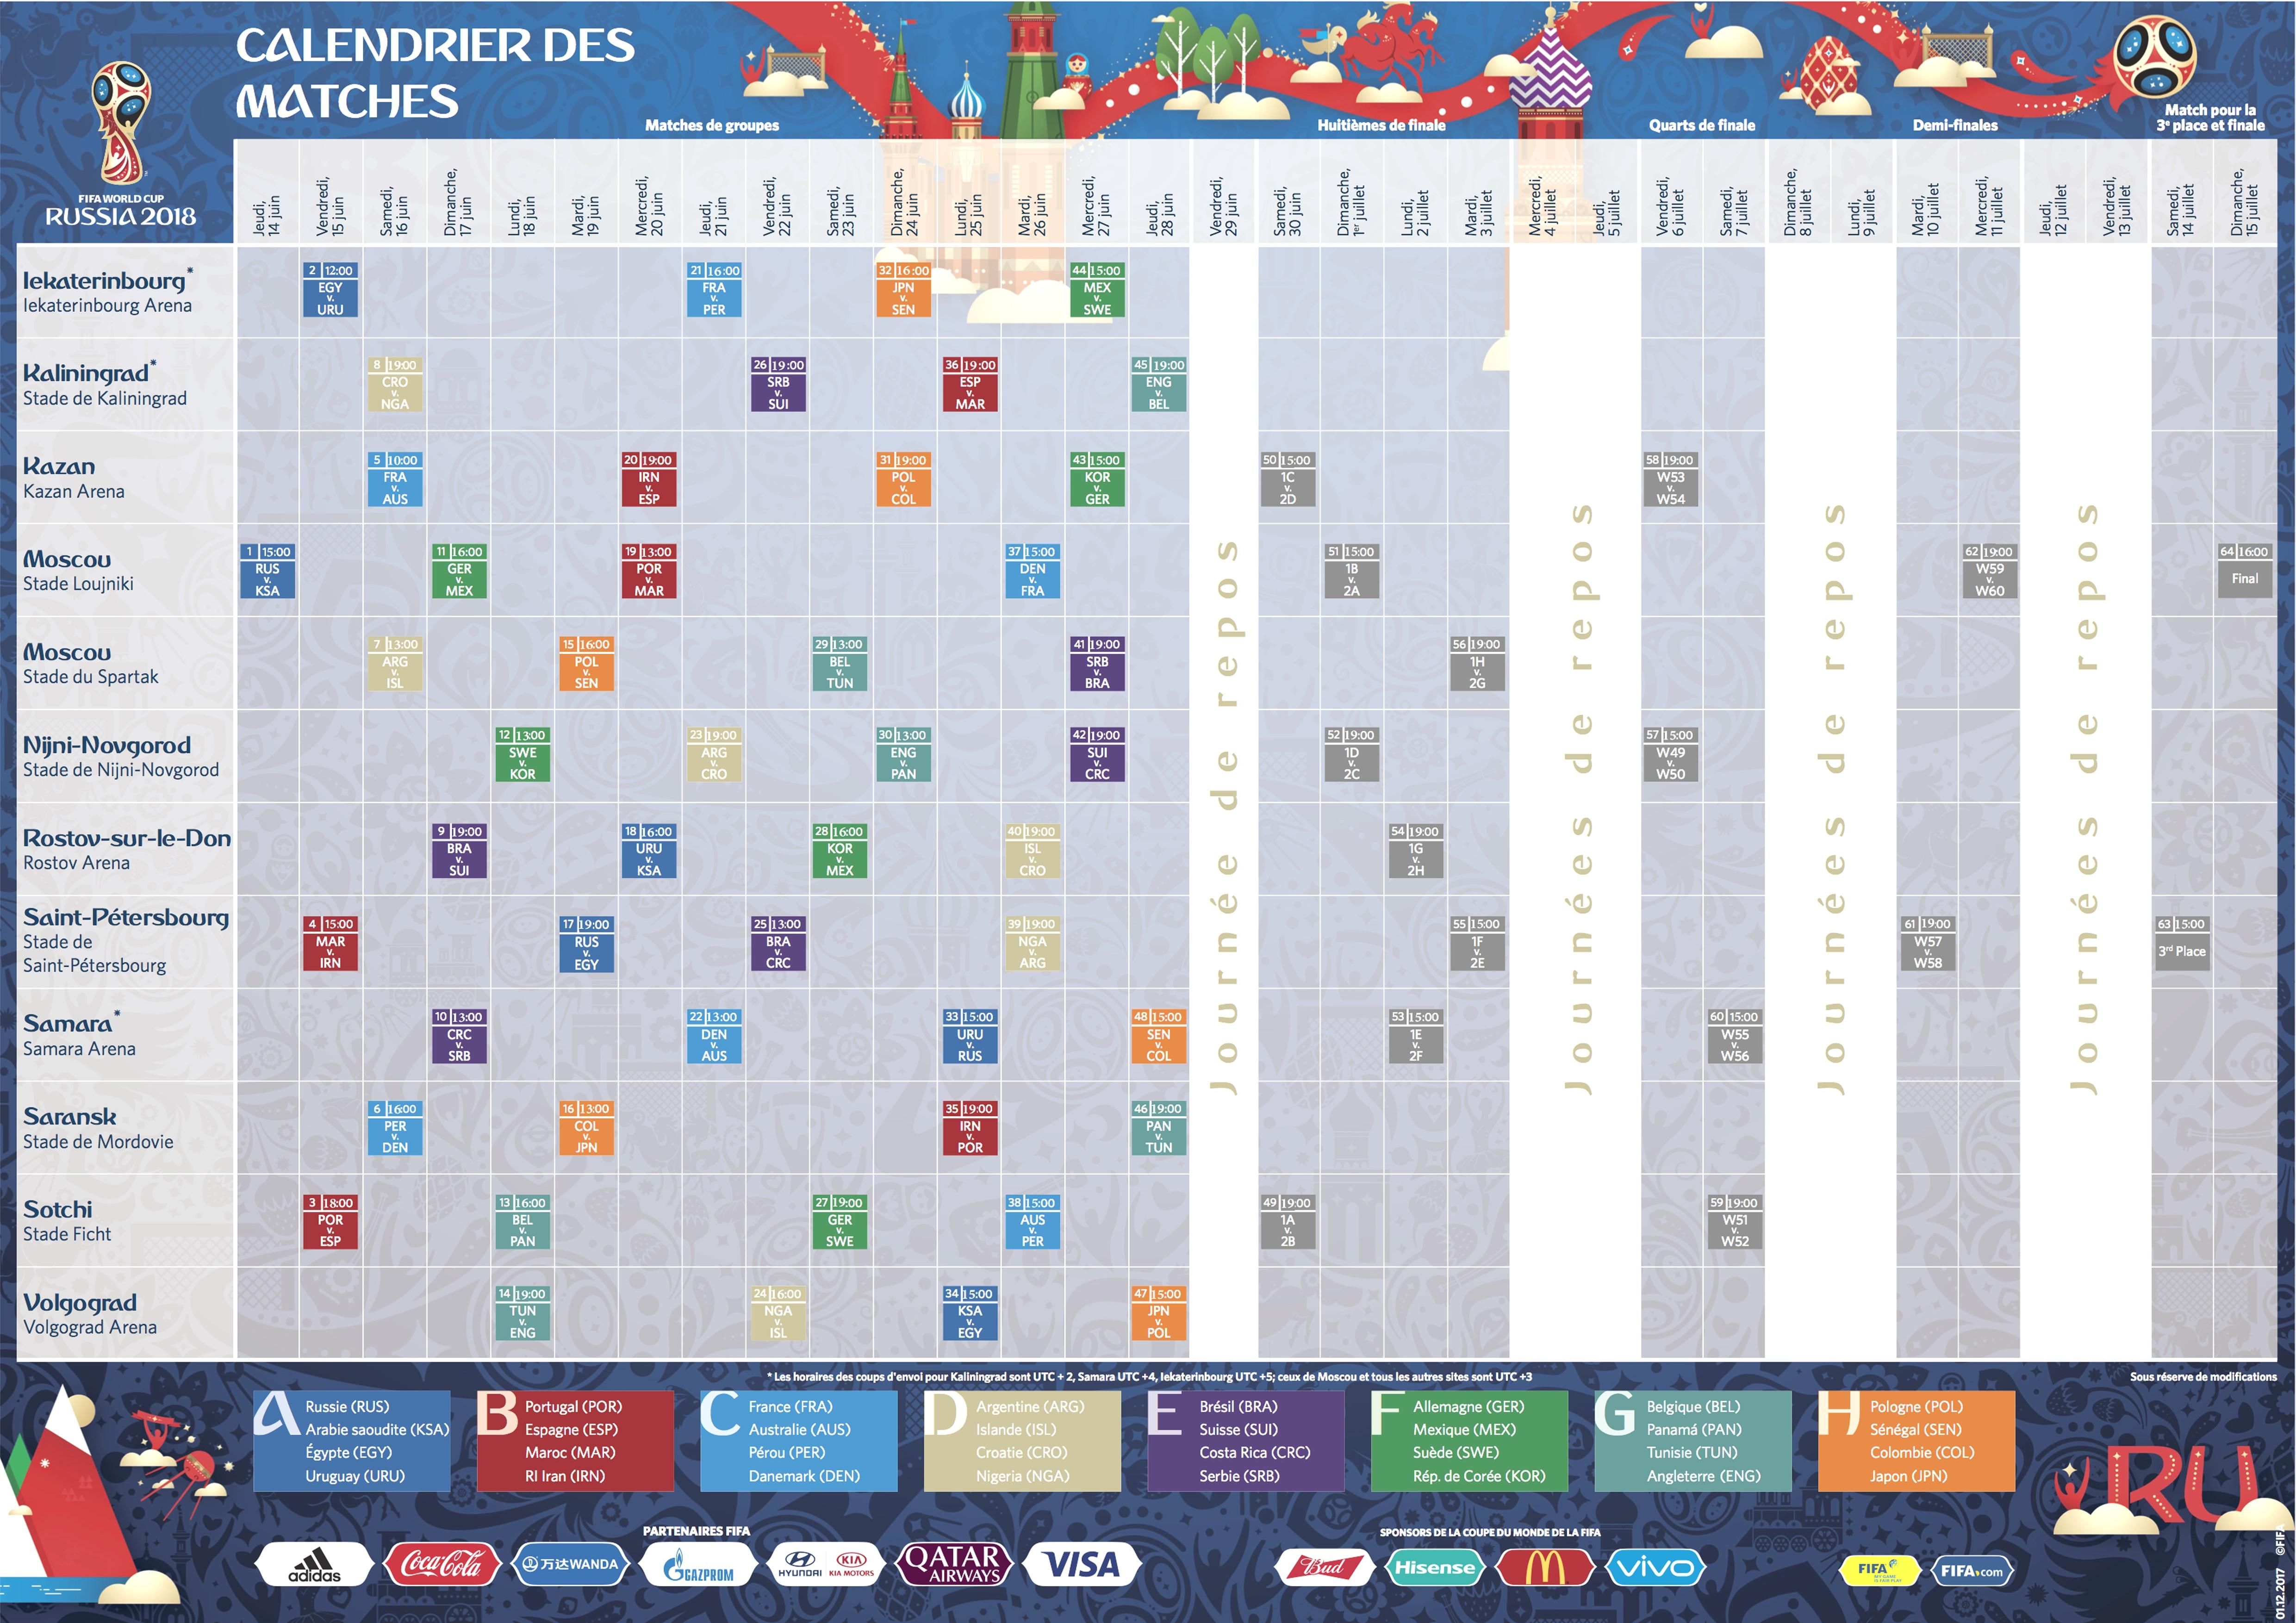 Programme complet des matchs du Mondial 2018 (Heure marocaine)